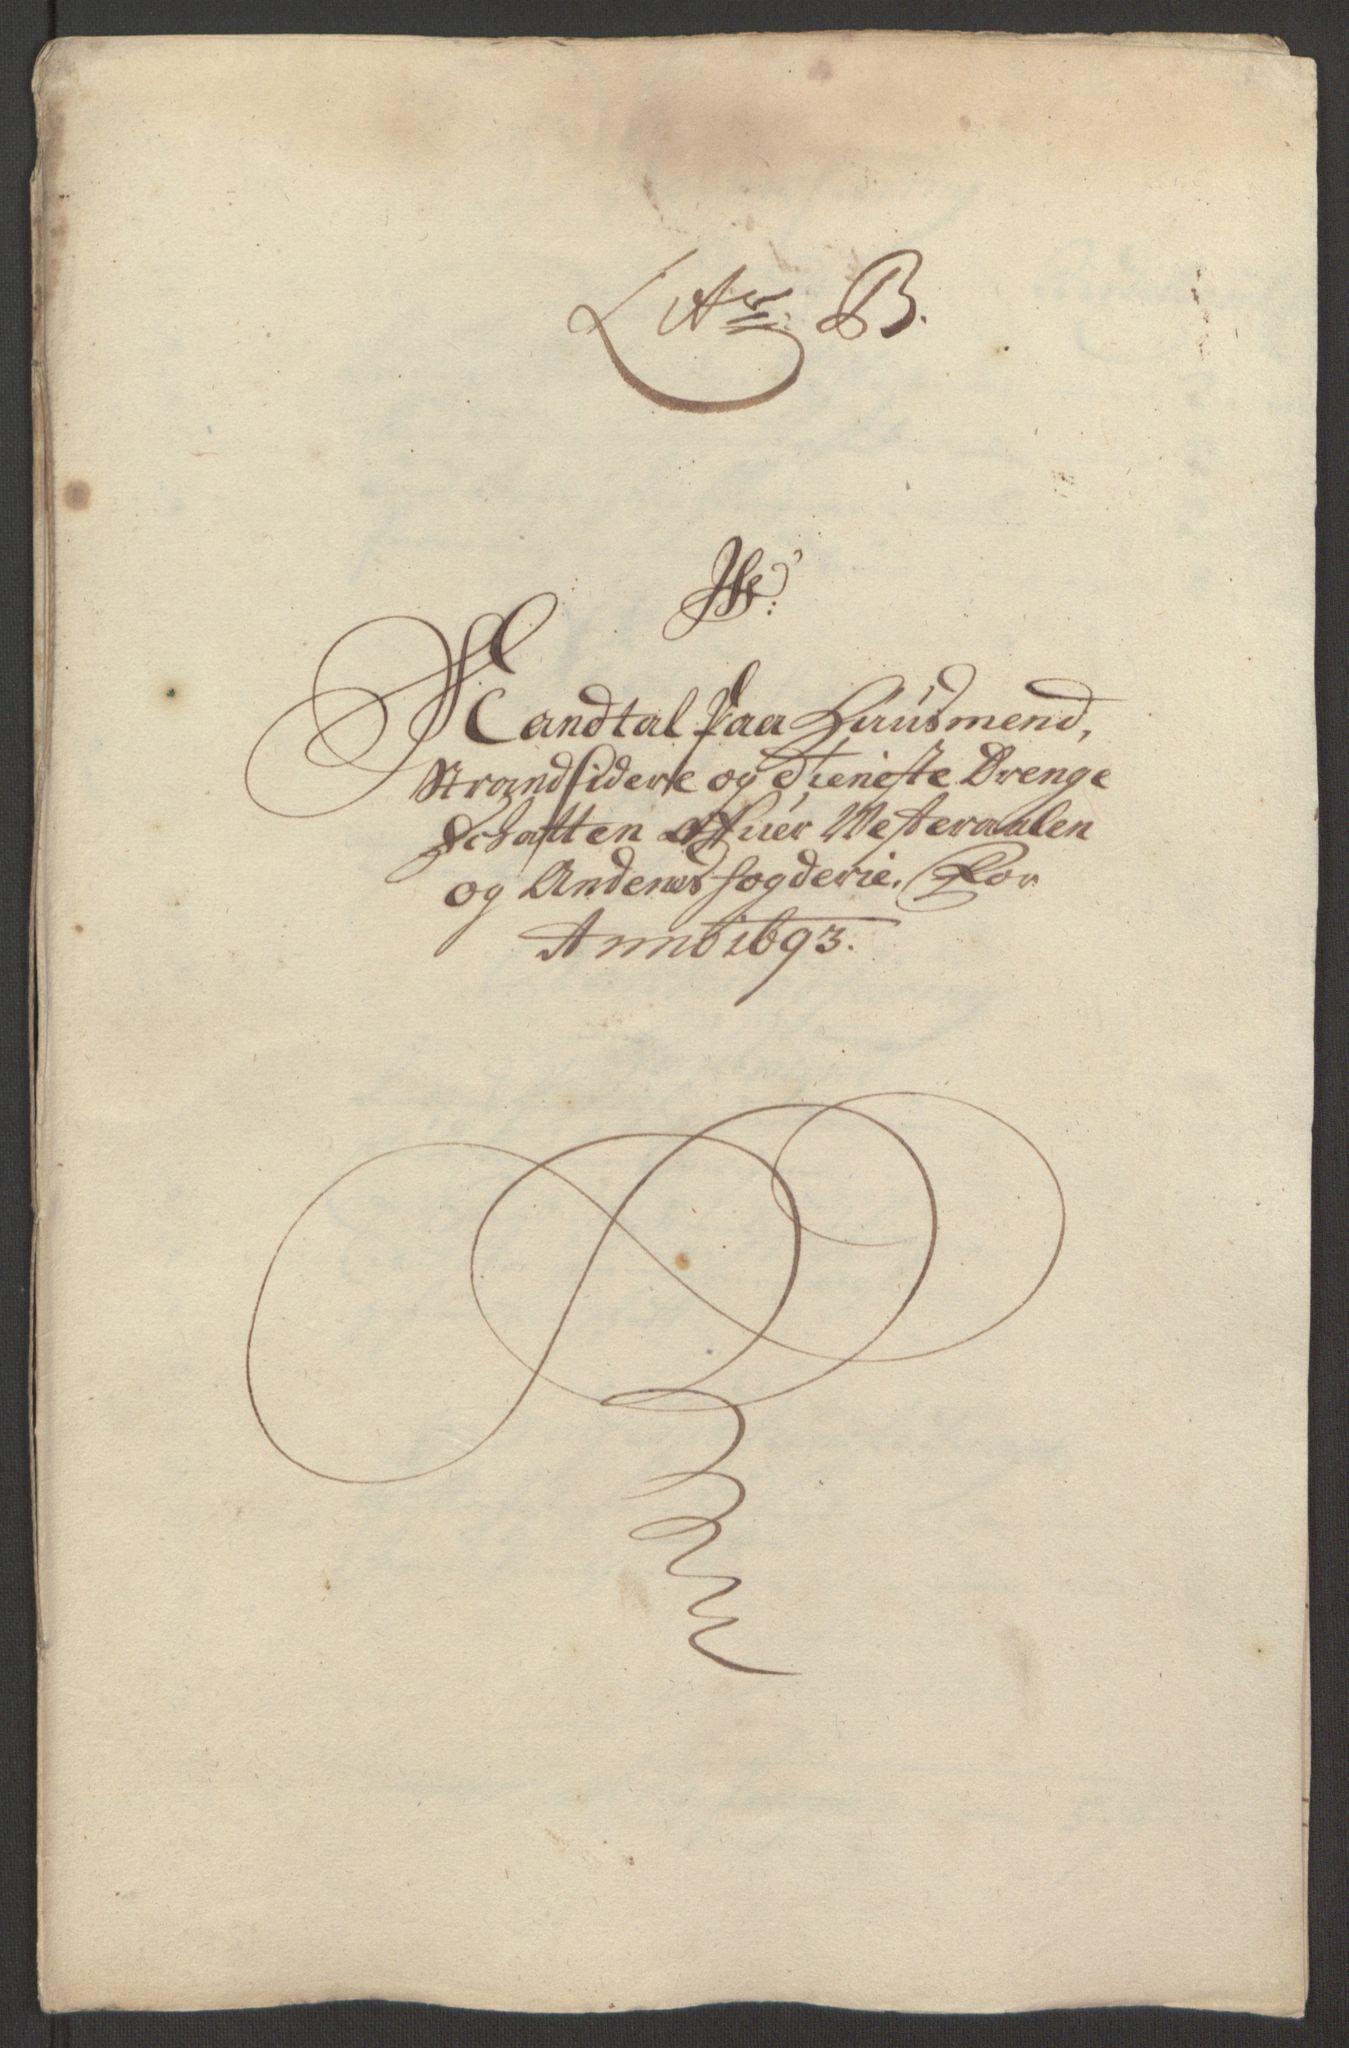 RA, Rentekammeret inntil 1814, Reviderte regnskaper, Fogderegnskap, R67/L4676: Fogderegnskap Vesterålen, Andenes og Lofoten, 1691-1693, s. 262